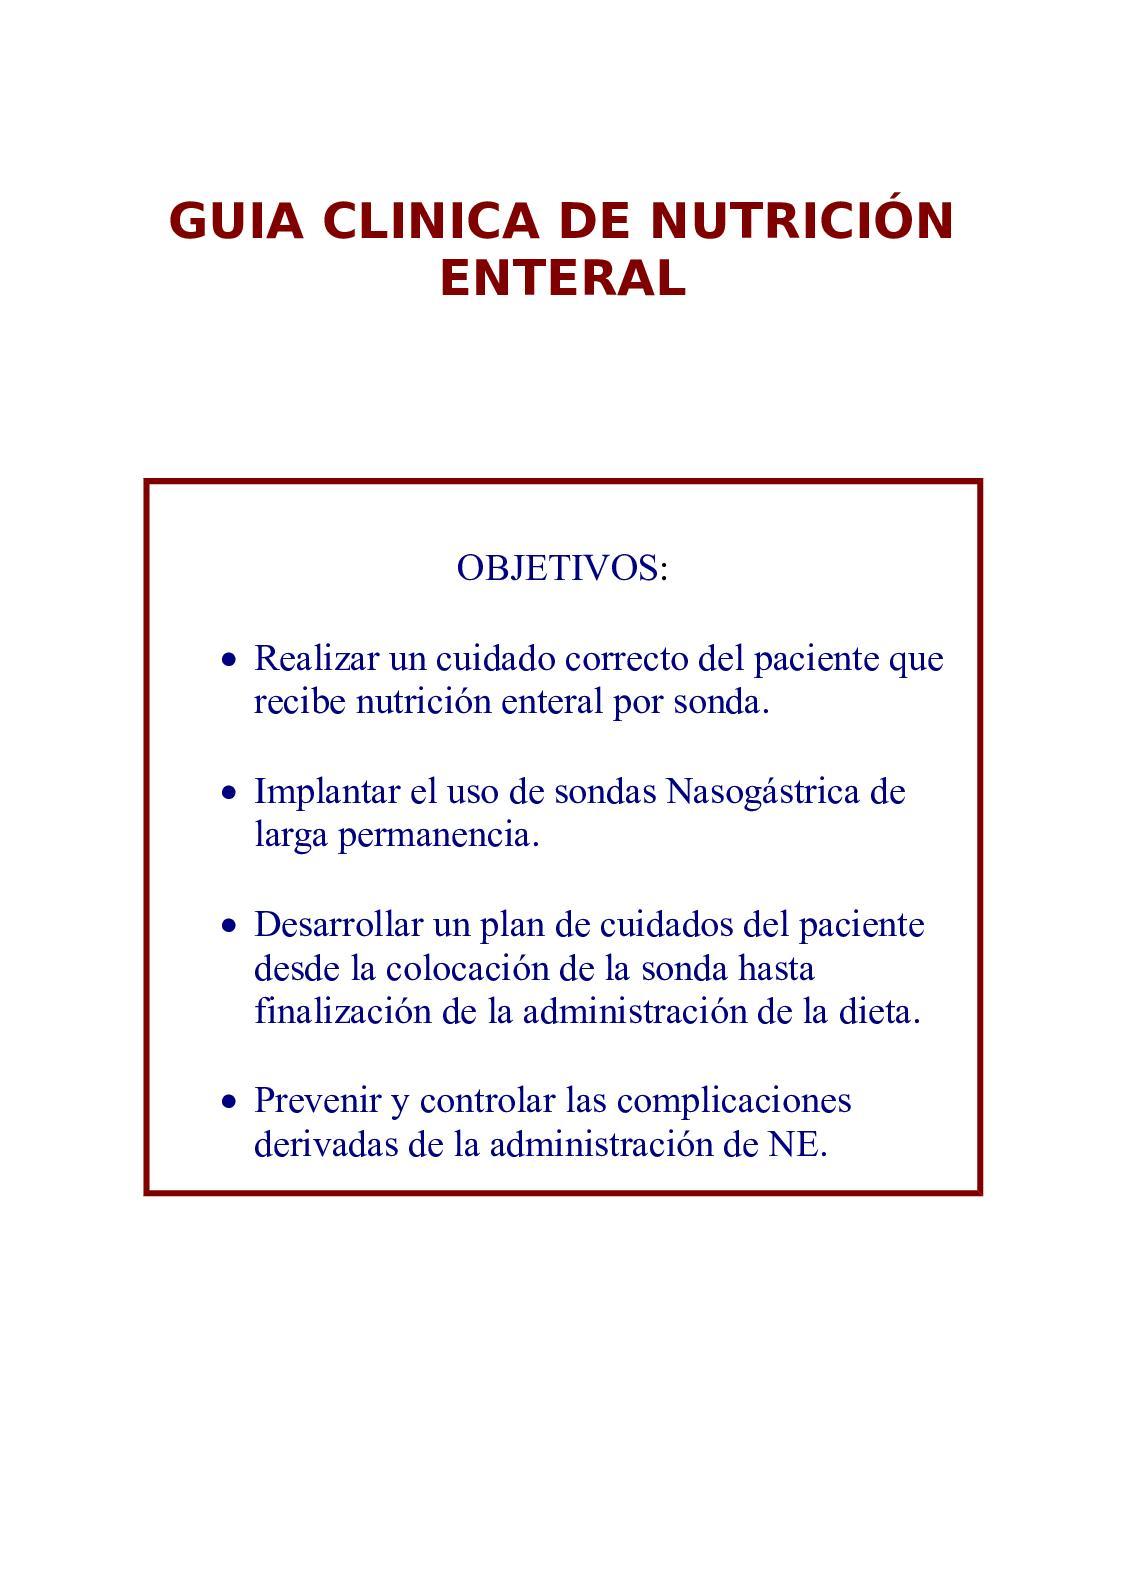 indicaciones y contraindicaciones de nutricion enteral